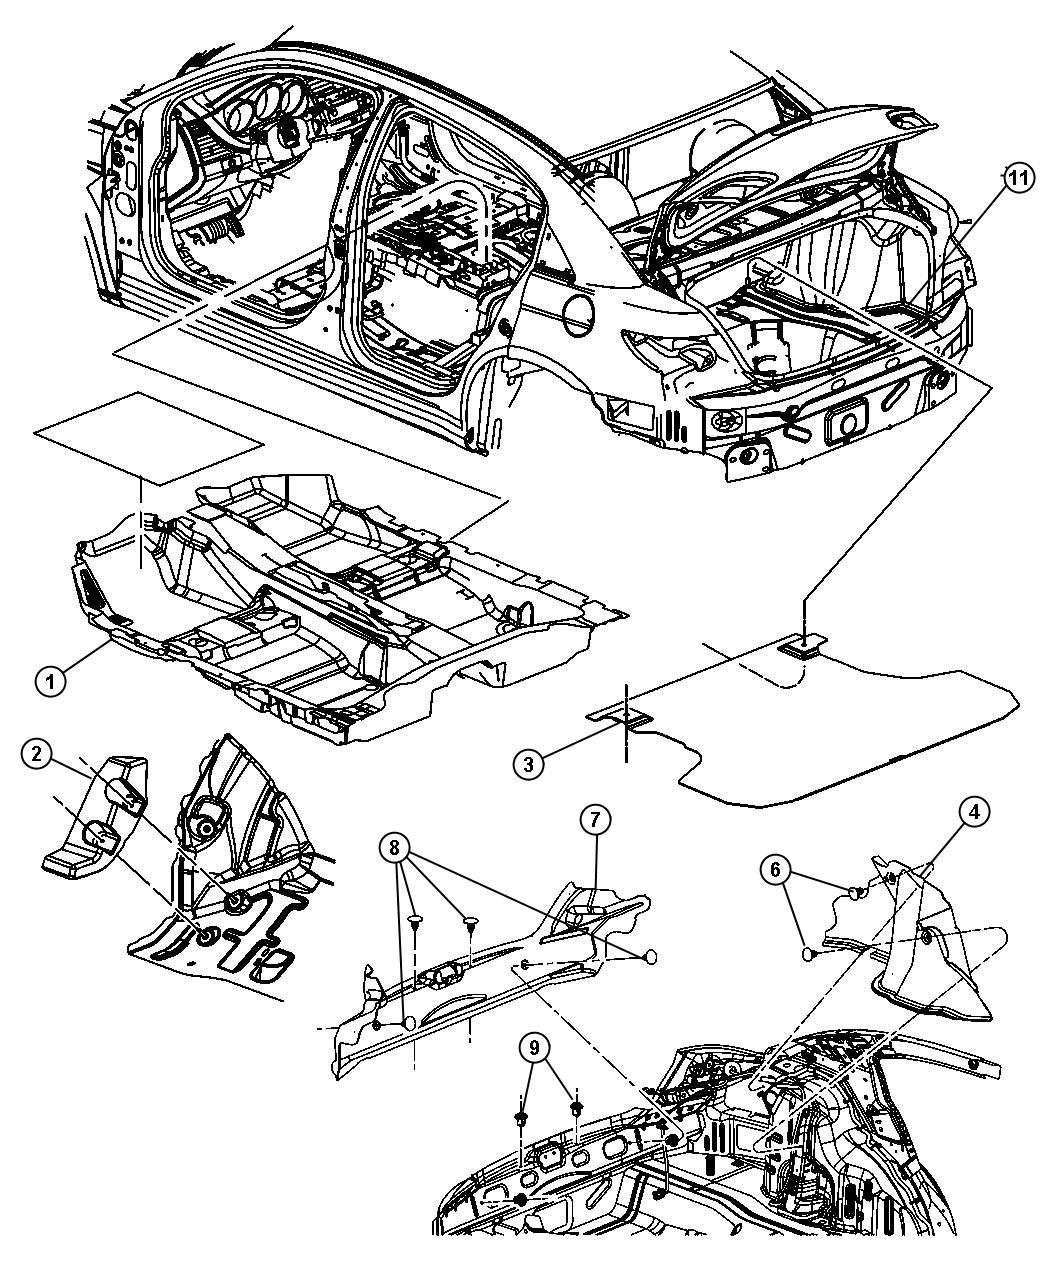 Chrysler Sebring Support Footrest